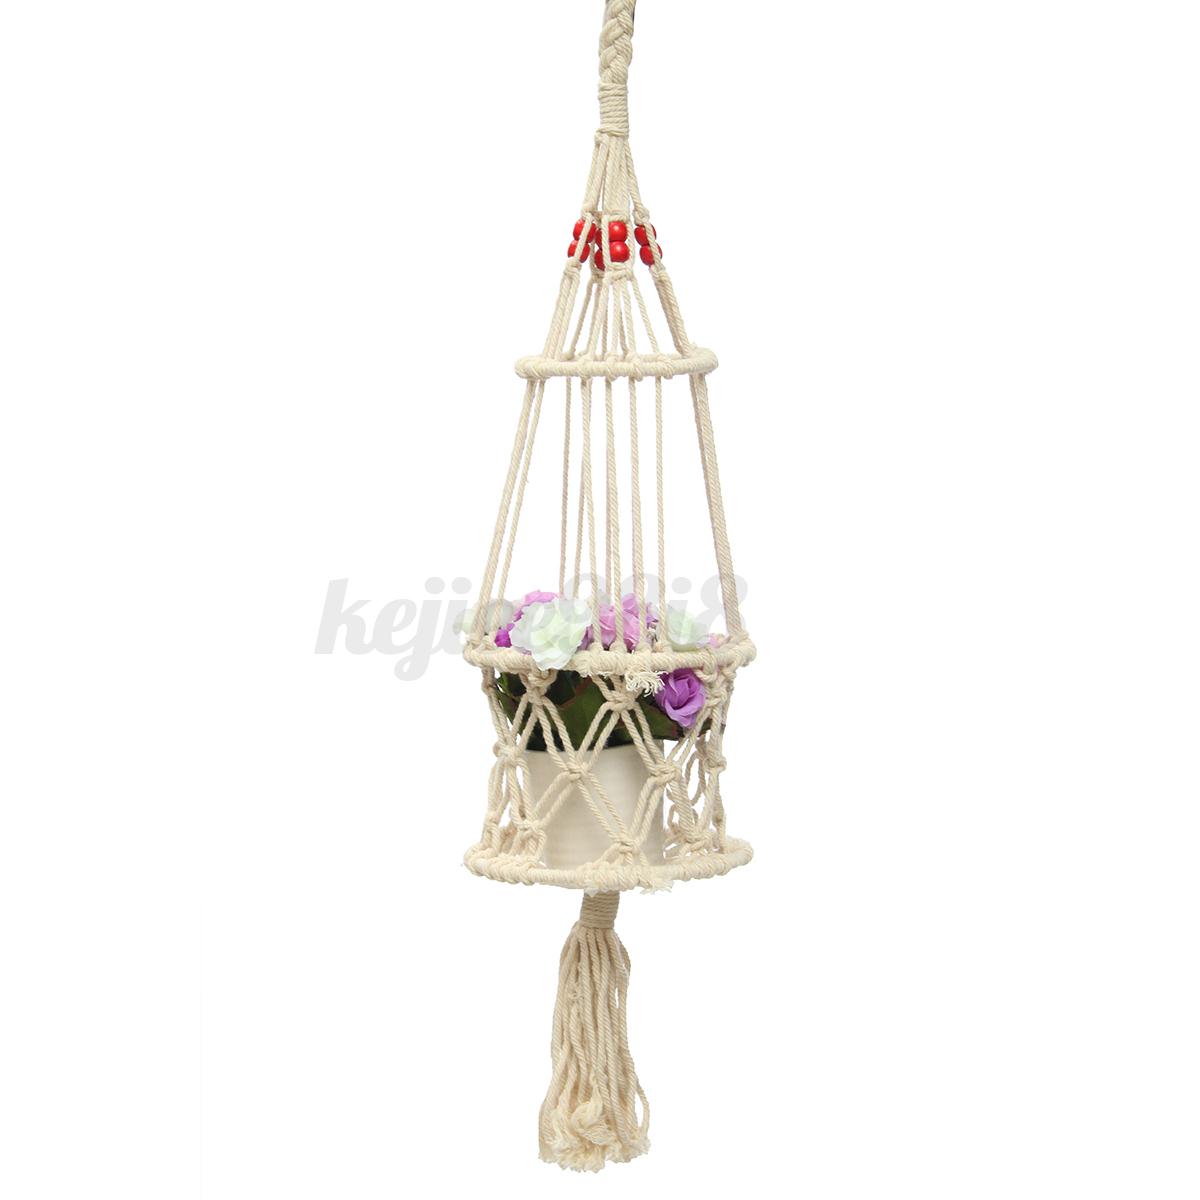 Handmade Jute Baskets : Style handmade jute plant hanger pot holder macrame